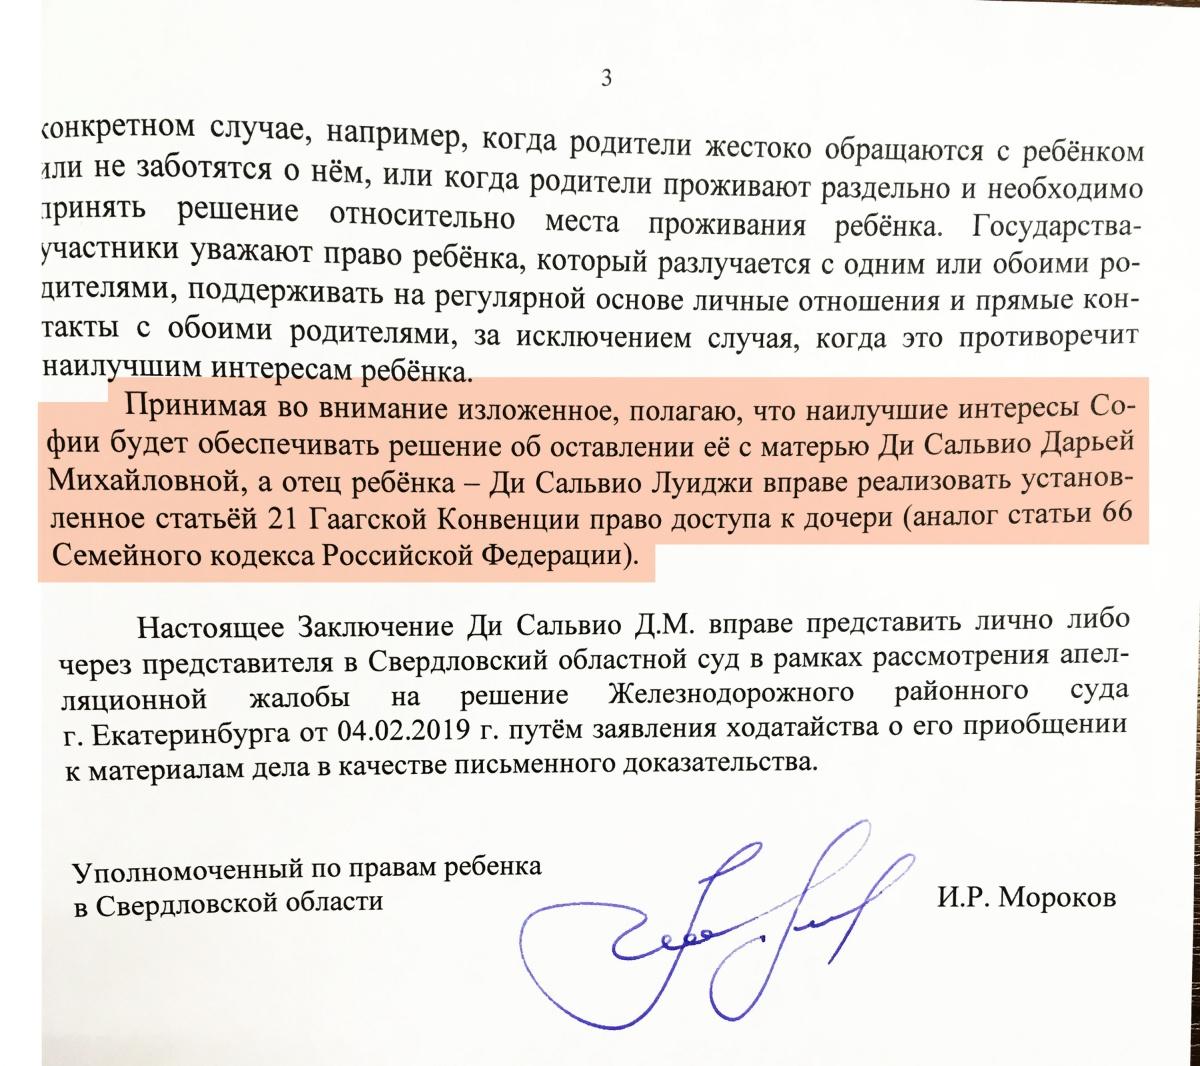 Заключение детского правозащитника Игоря Морокова